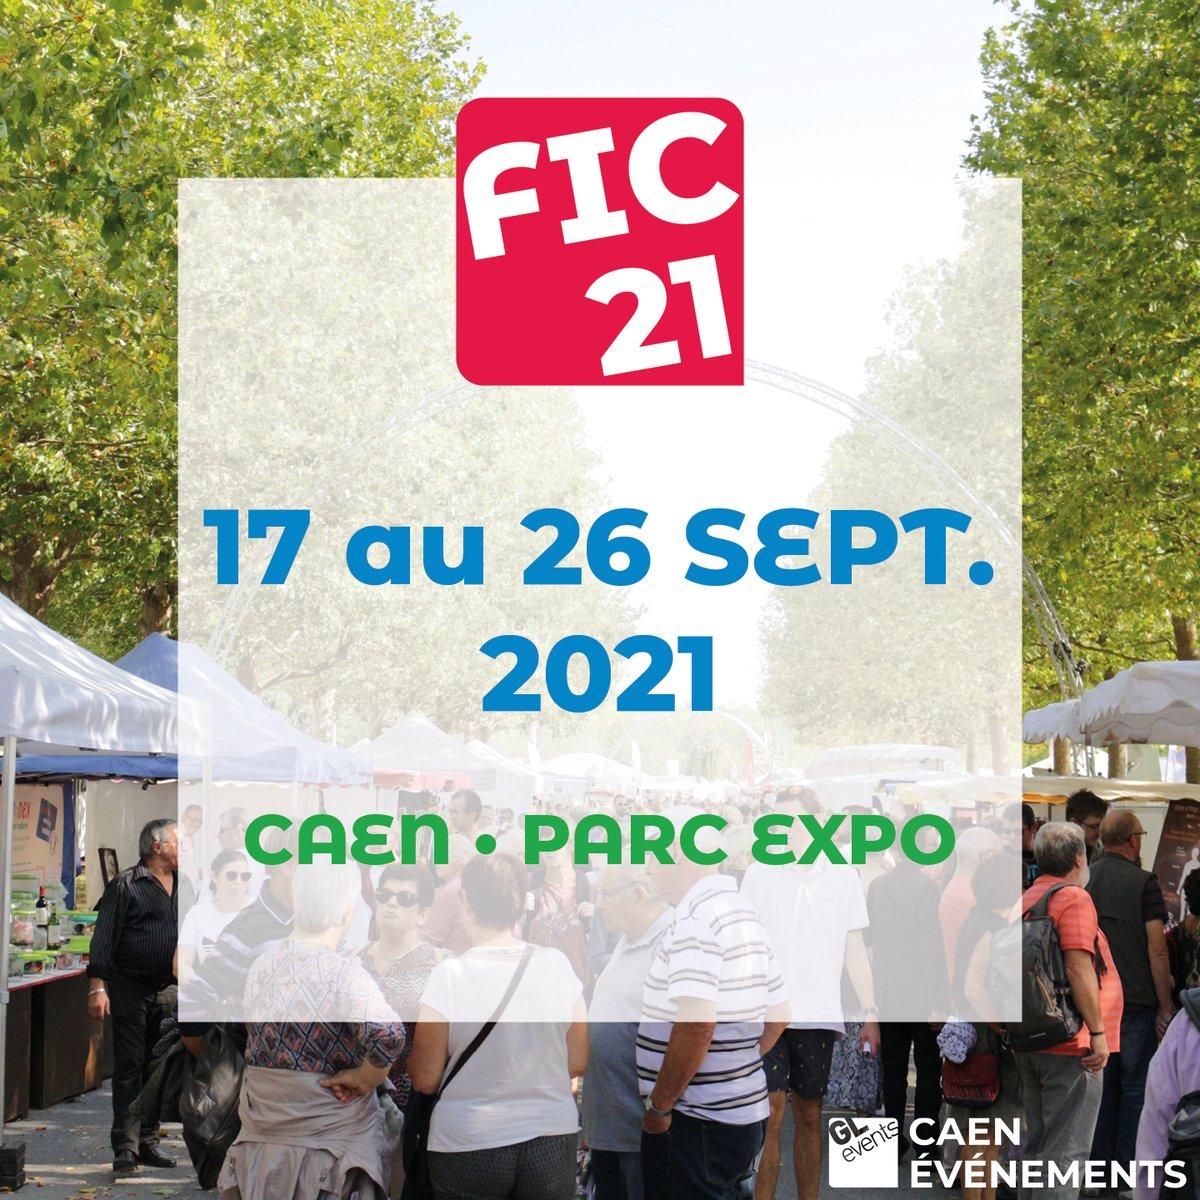 📅 RETENEZ BIEN SES DATES :   La #FoiredeCaen ouvrira ses portes le vendredi 17 septembre à 10h jusqu'au dimanche 26 septembre à 20h. ✨ ✨  #FoiredeCaen #events #Foire GL events #caen #animations #rendez-vous #commerces https://t.co/lQOiqjqFXT